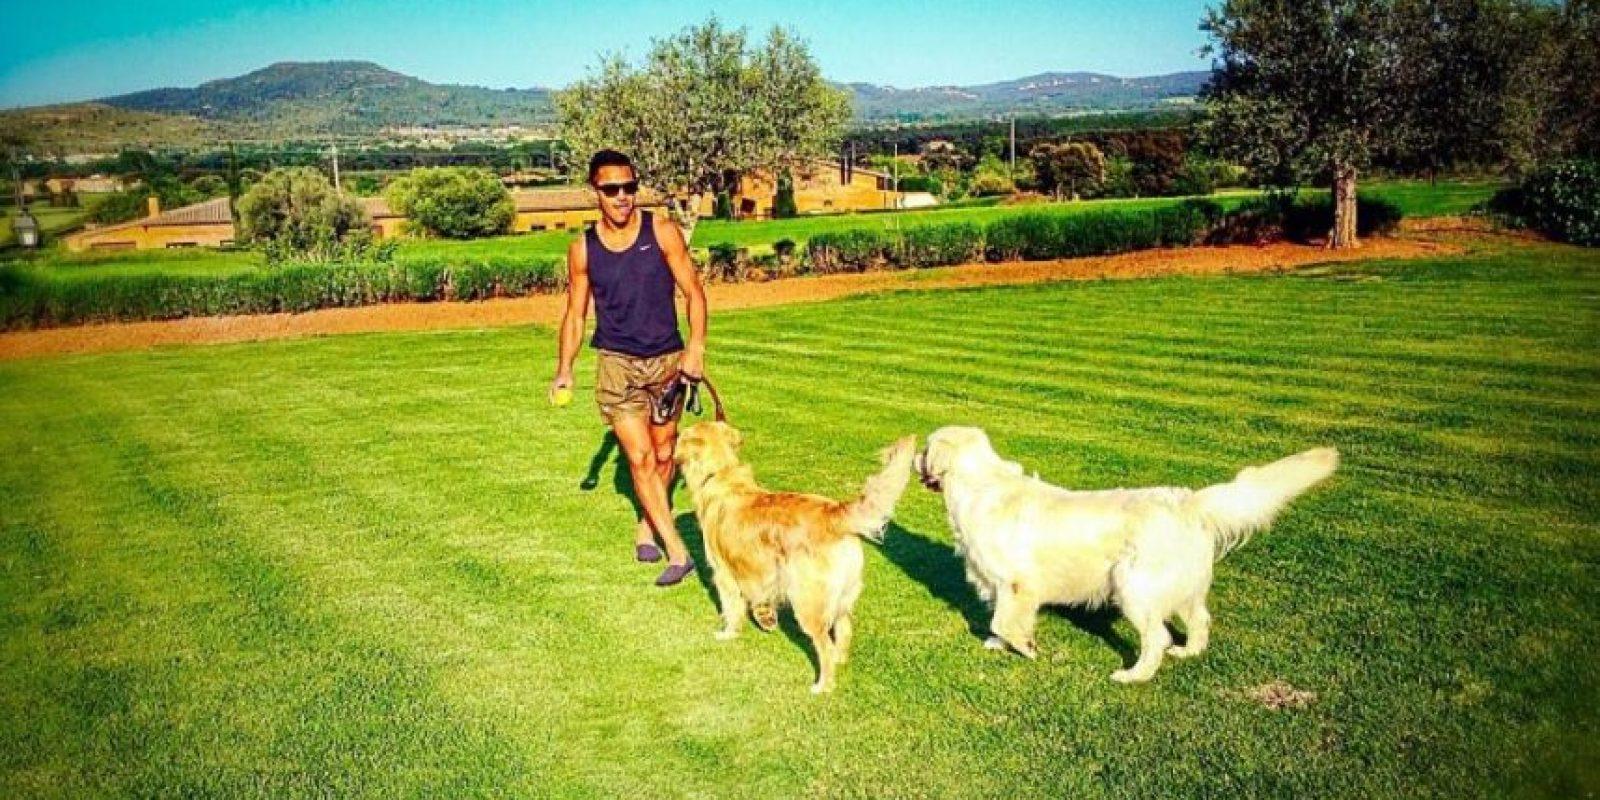 Sánchez con sus mascotas. Foto:twitter.com/Alexis_Sanchez